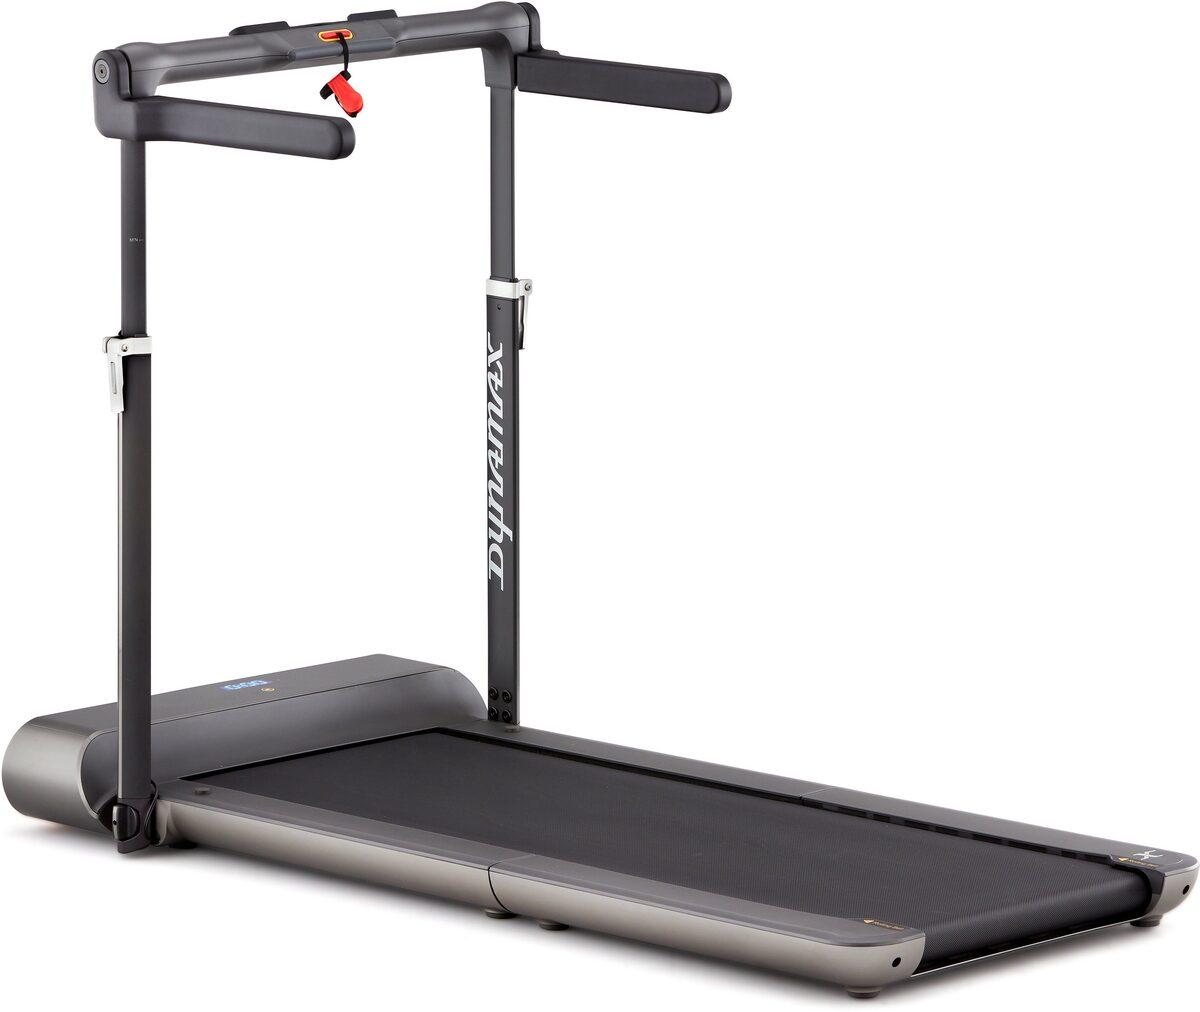 Bild 2 von Dynamax Laufband »Dynamax RunningPad«, weniger als 0,5 qm Platzbedarf durch faltbares Laufdeck